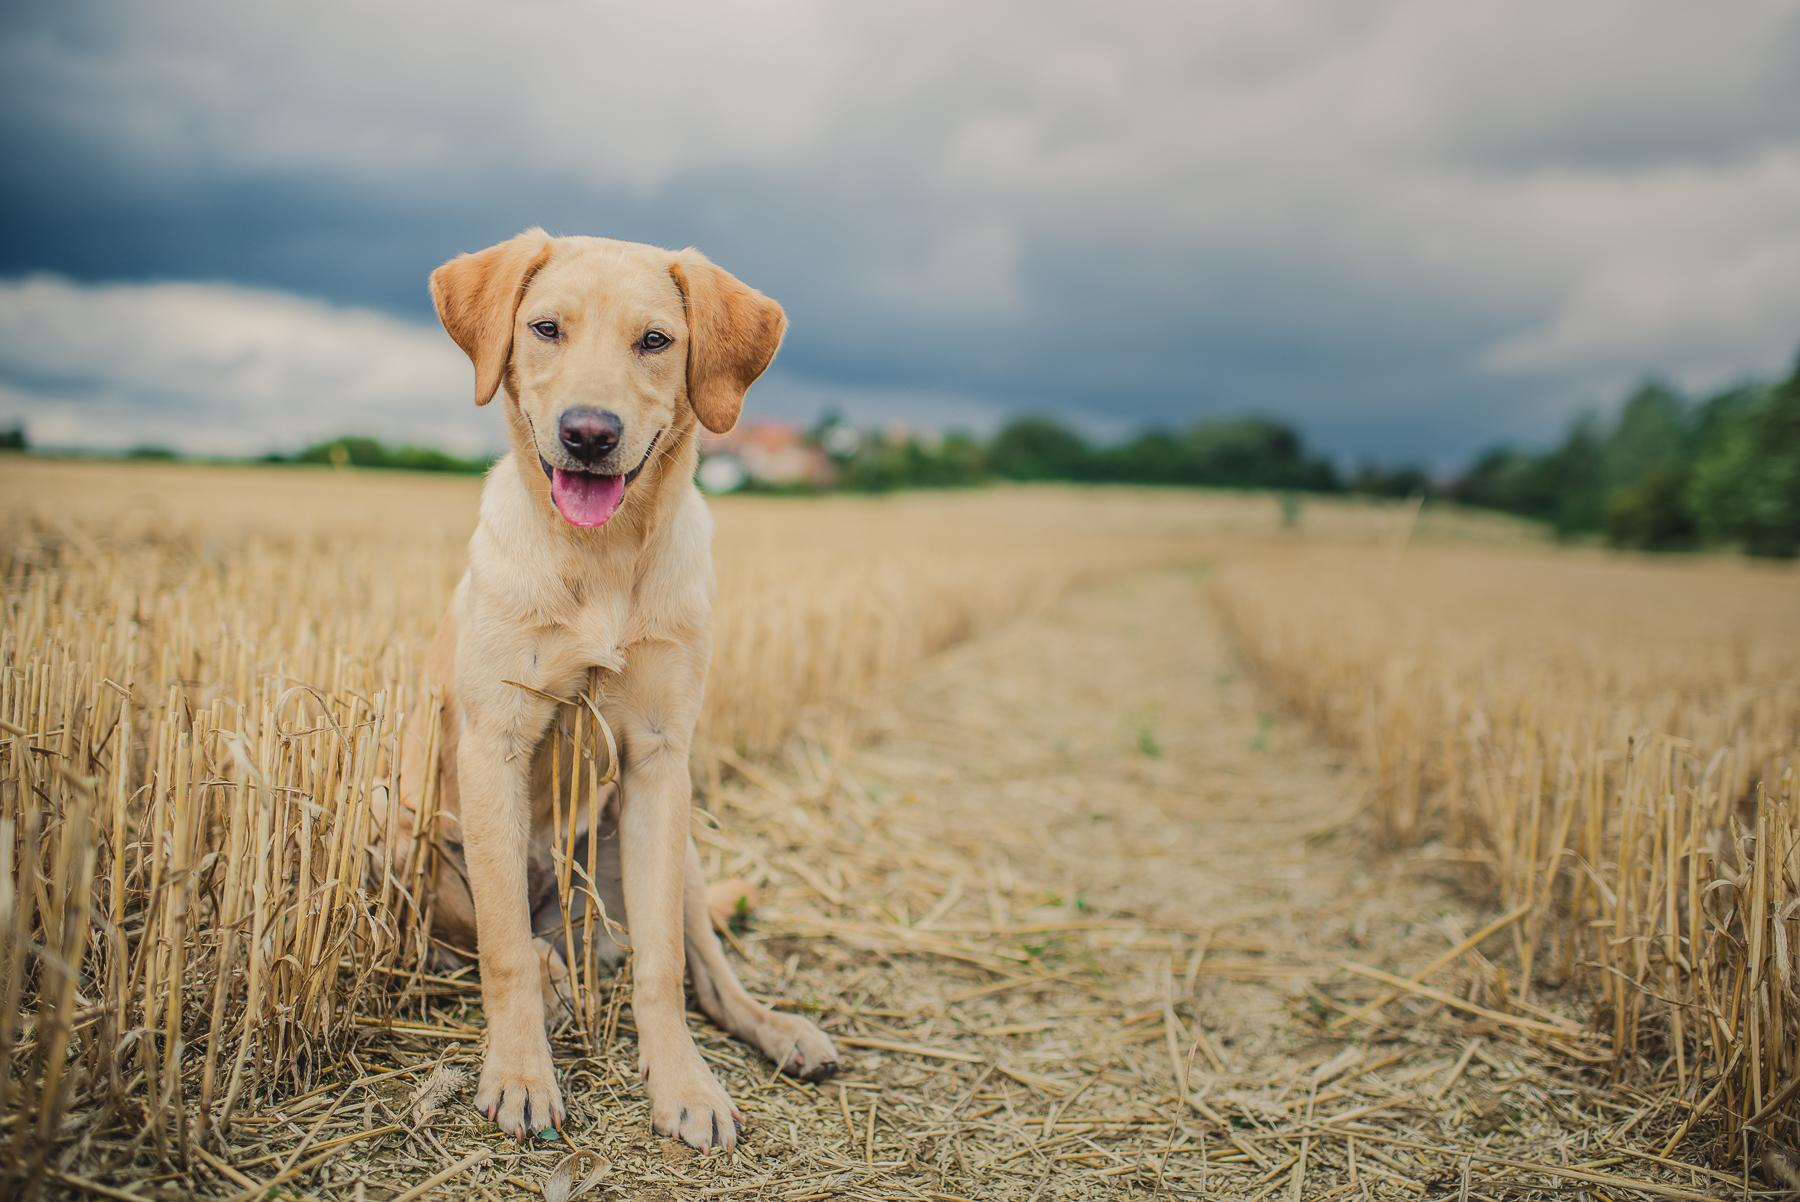 Labrador panting at the camera